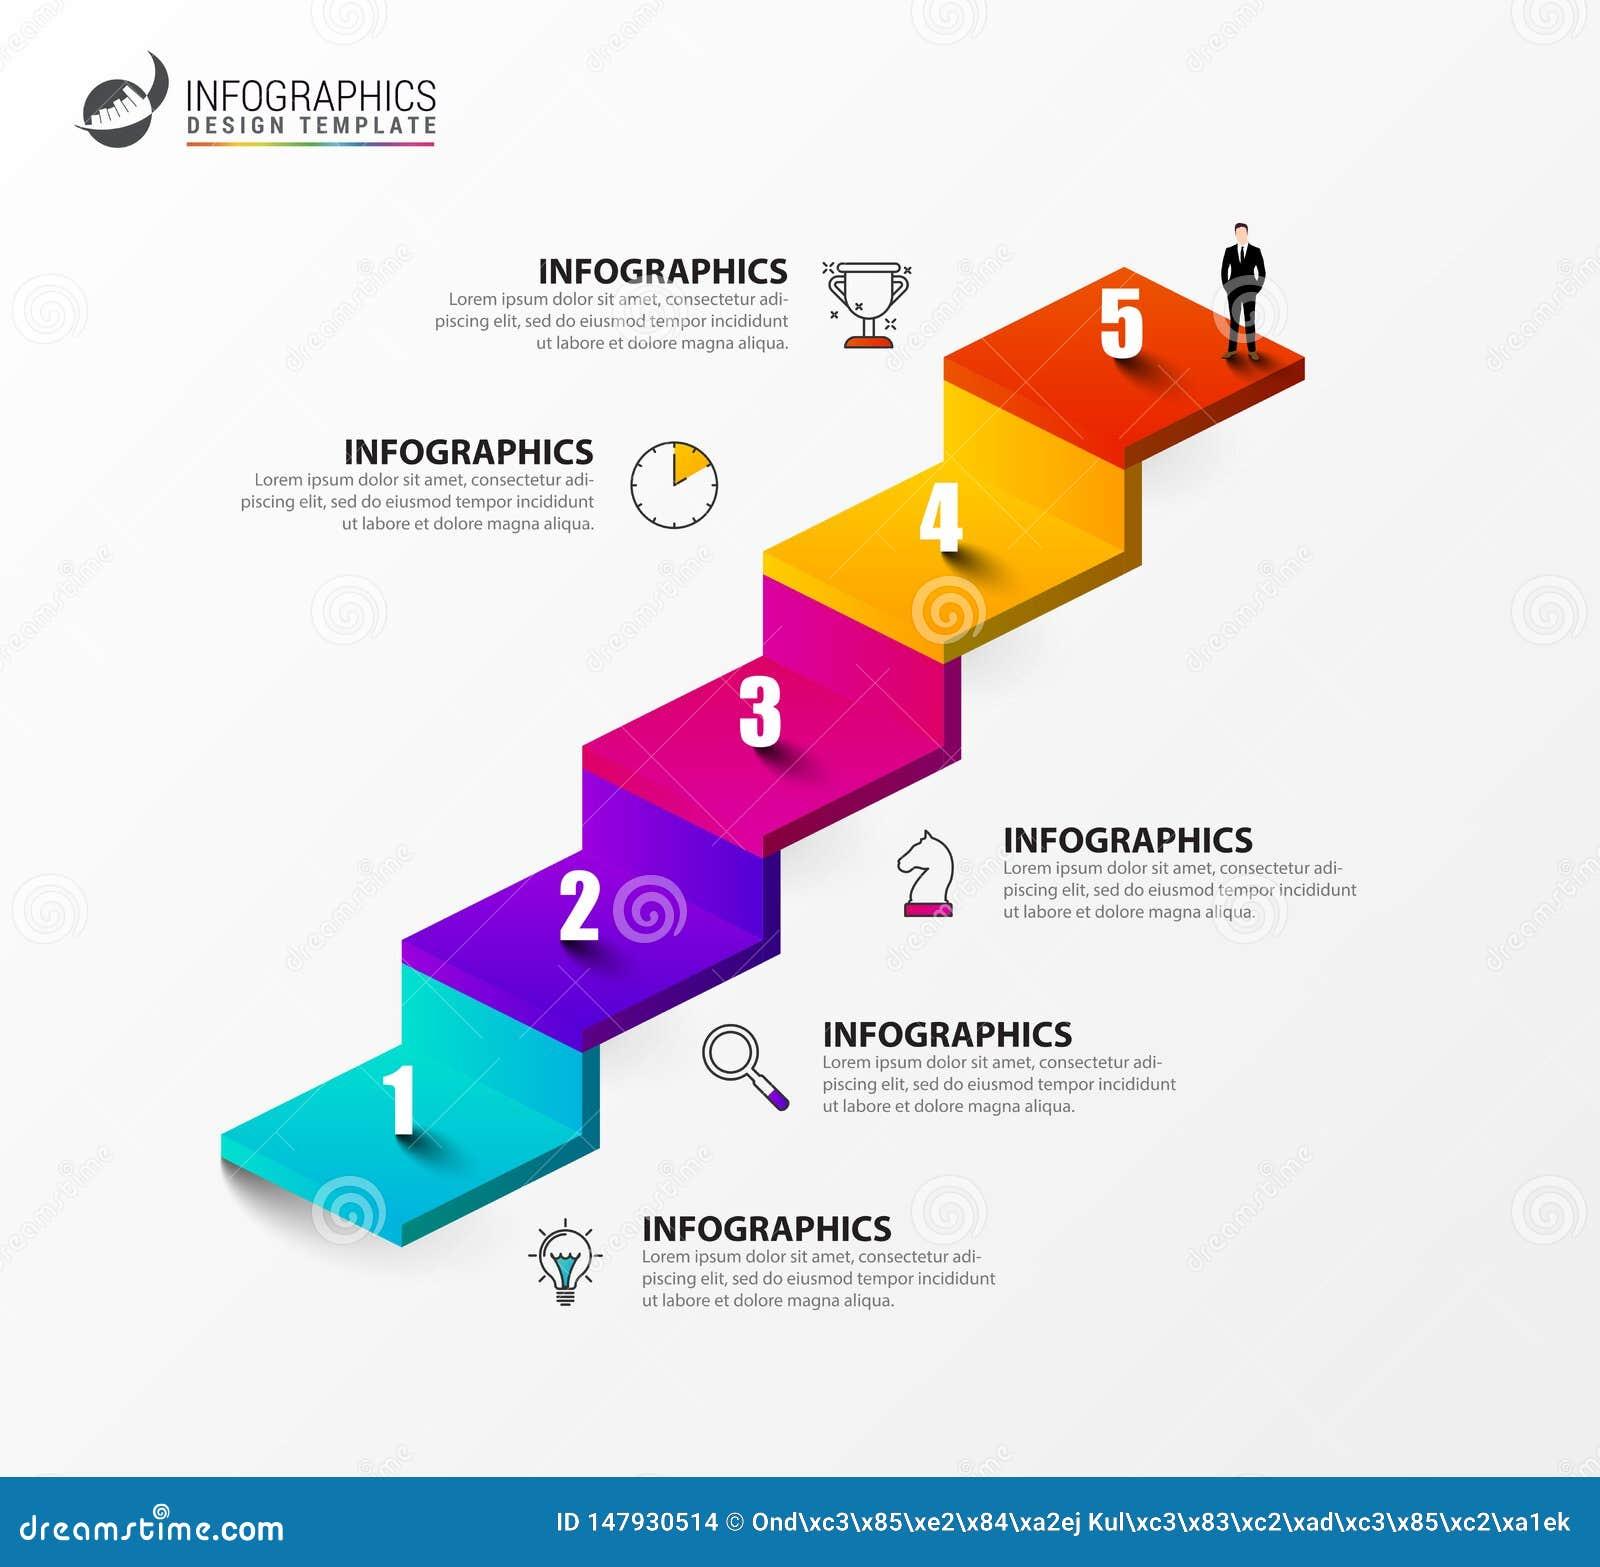 Plantilla del dise?o de Infographic Concepto creativo con 5 pasos